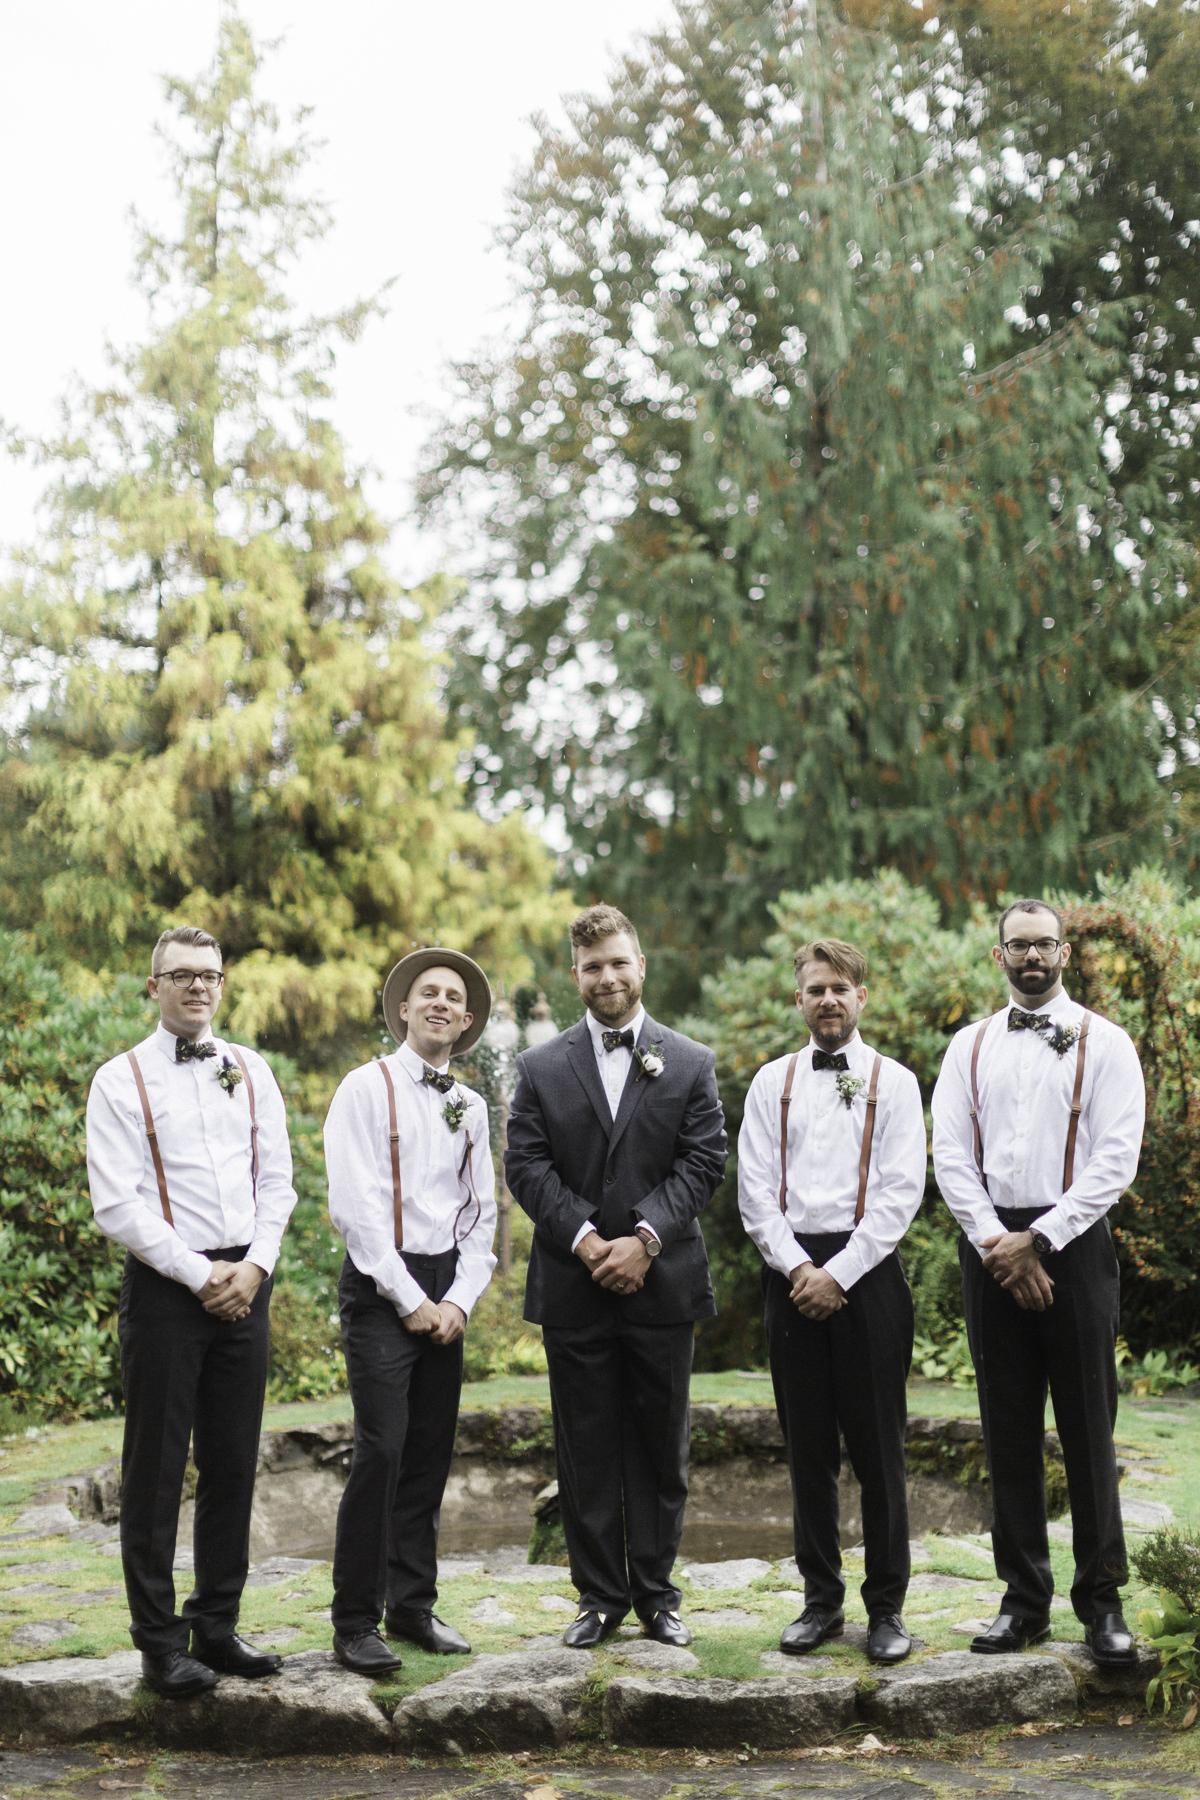 Matt-and-Chelsey-Nelson-wedding-1-4.jpg